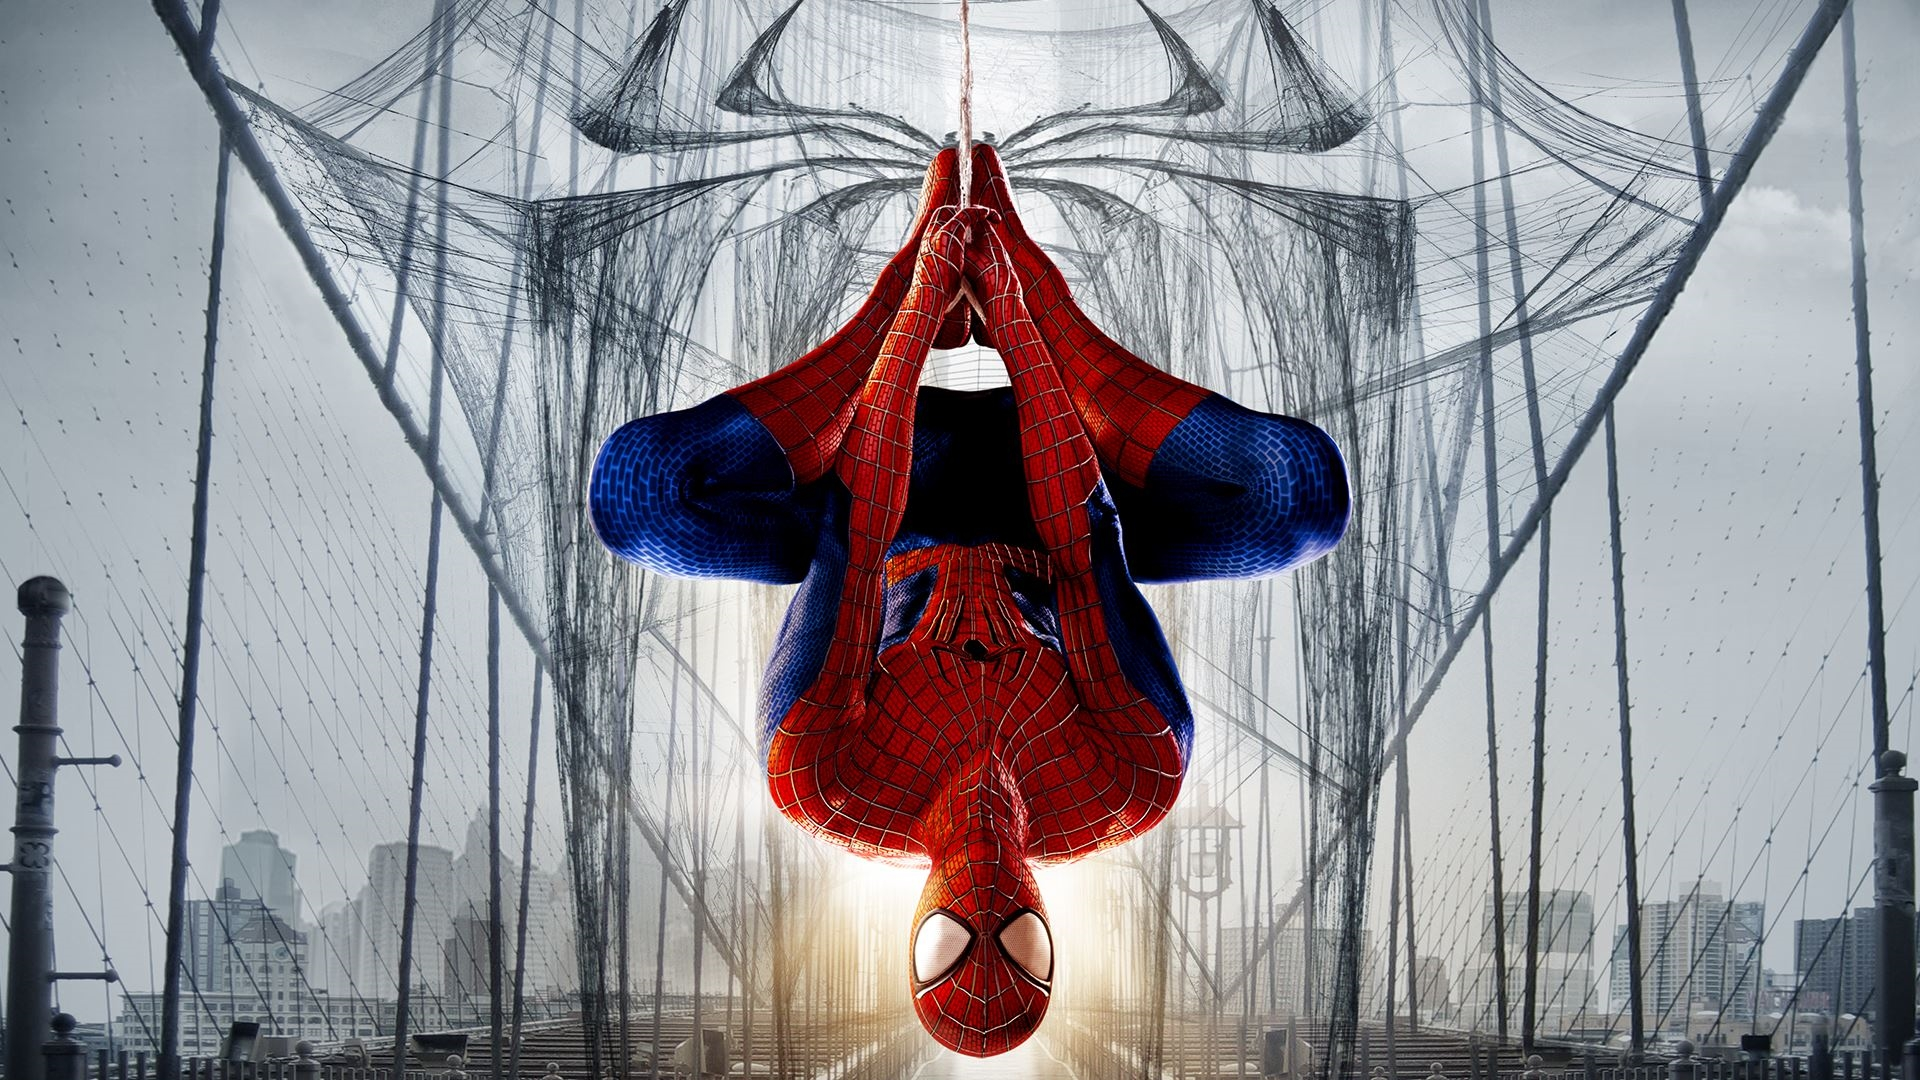 spider man marvel wallpaper free